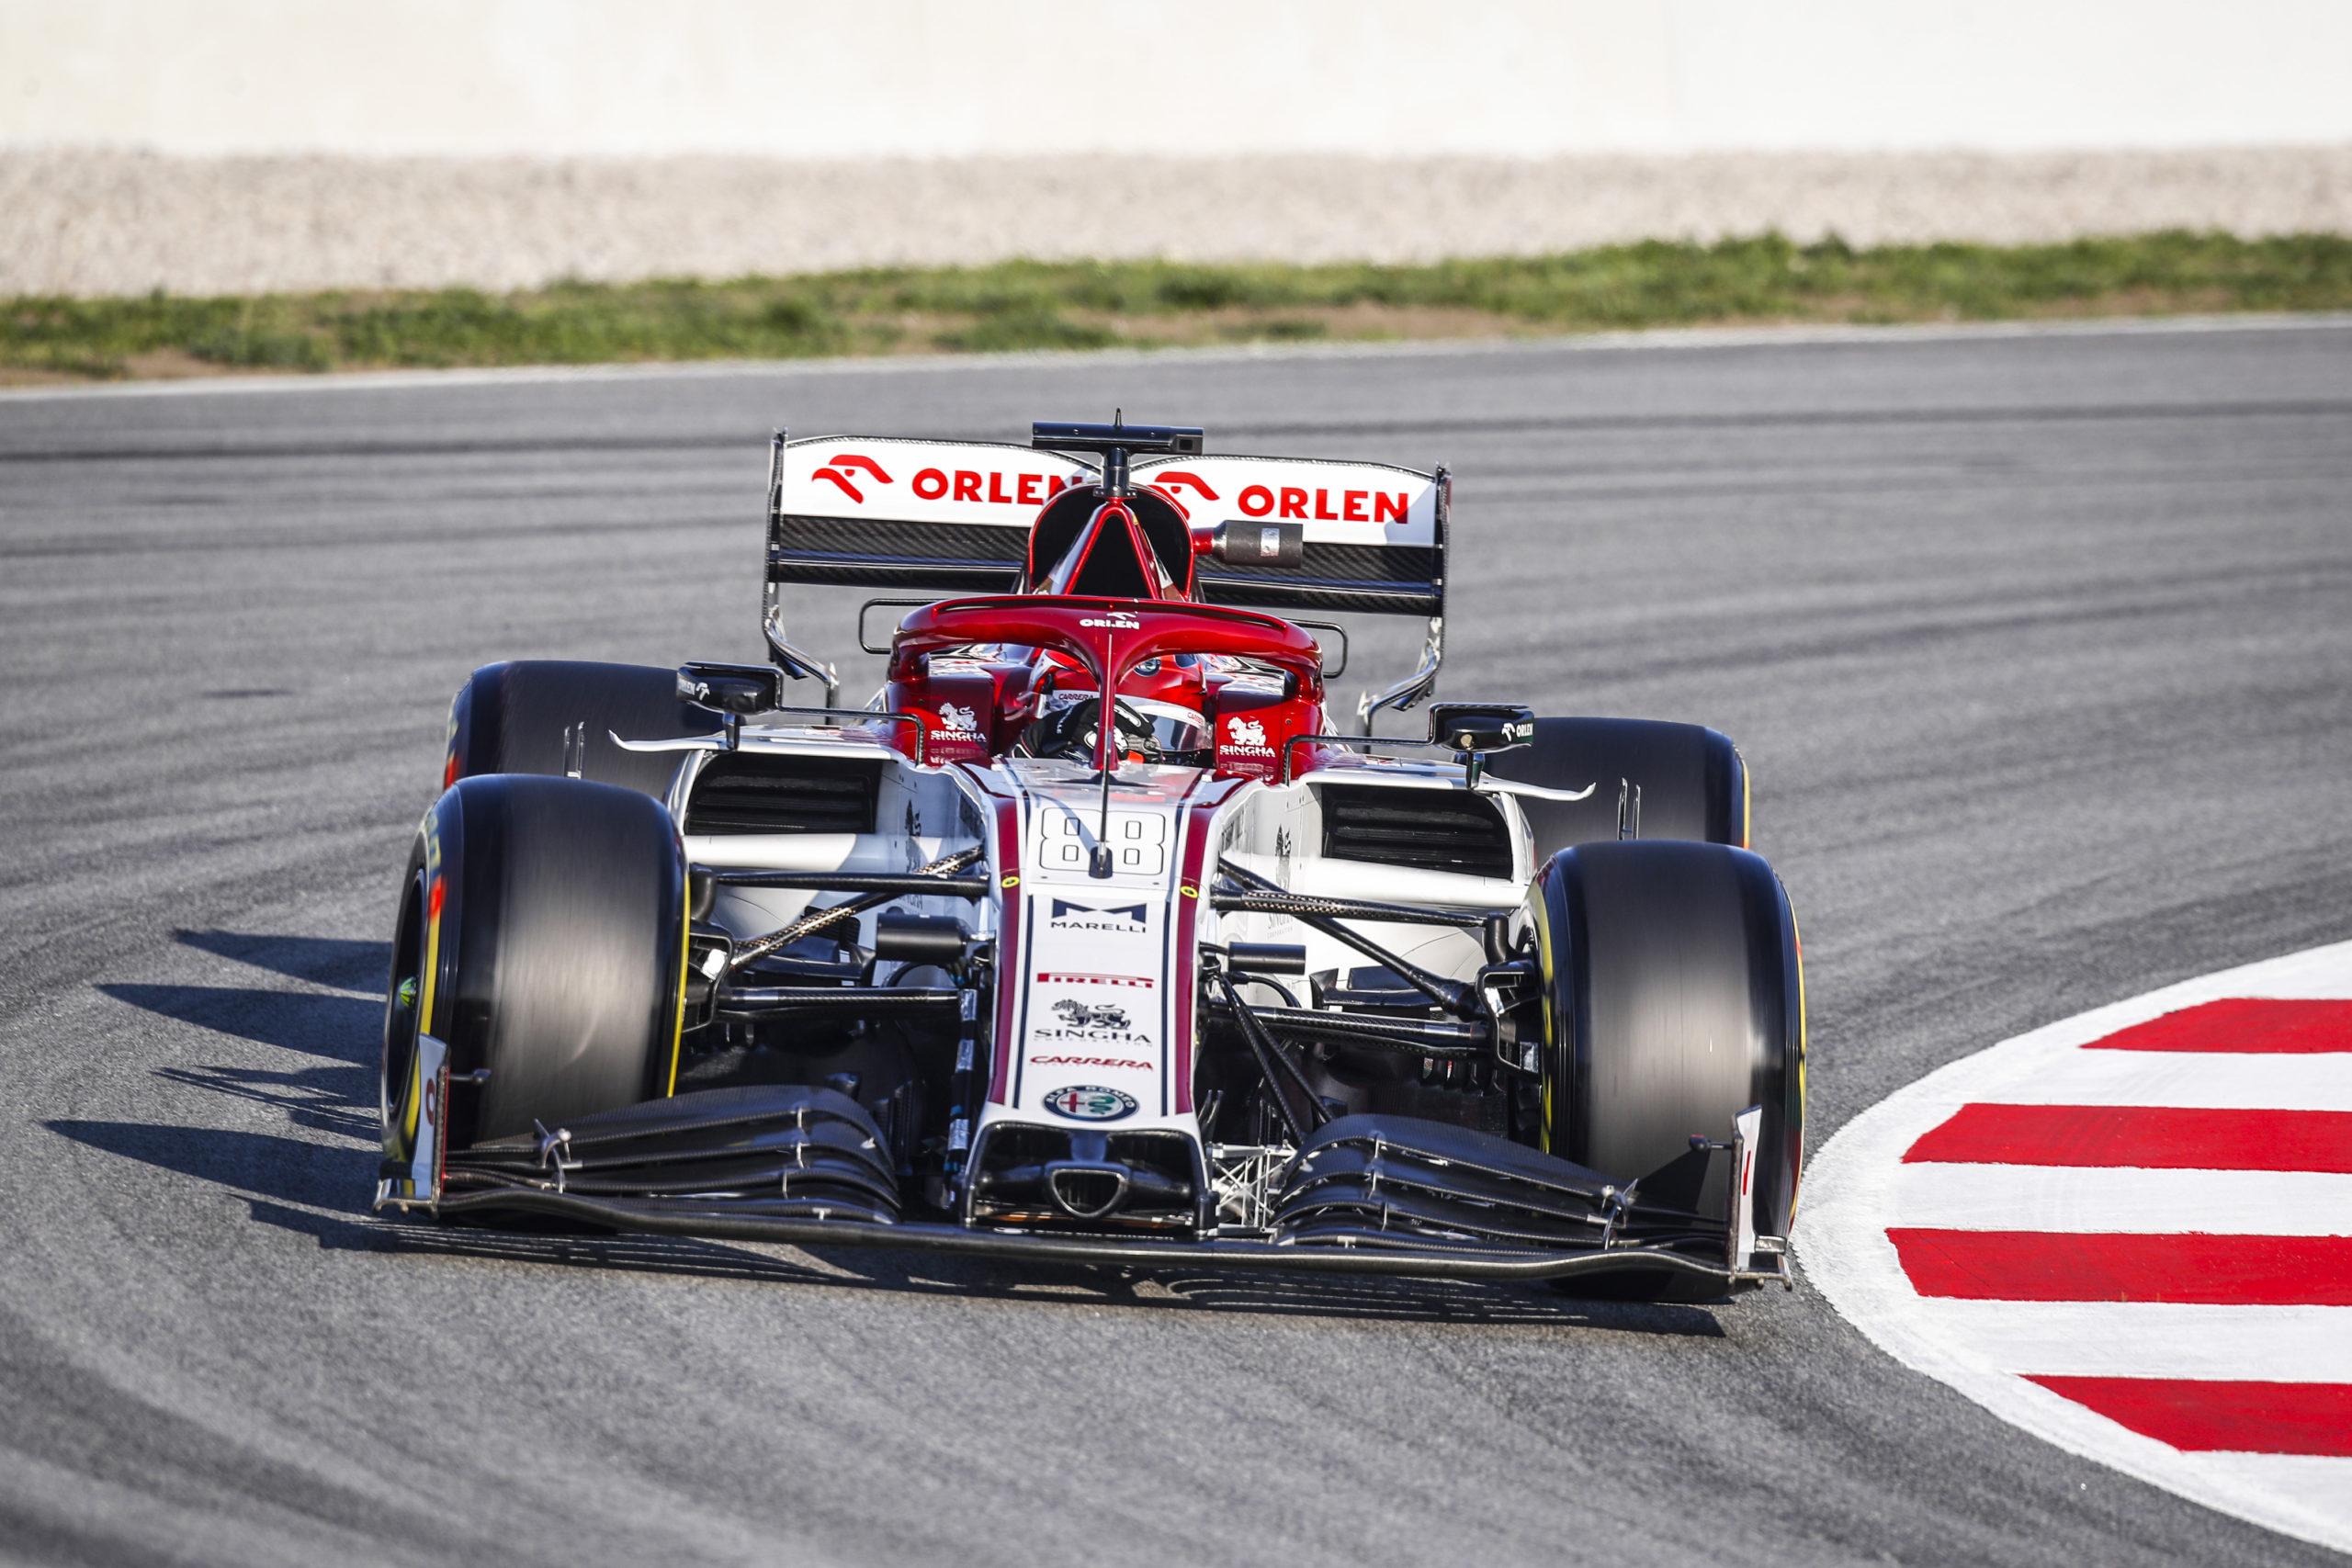 Zlatý volant a Zlatá řídítka vyvrcholí 18. února. Robert Kubica přijede převzít ocenění Světová osobnost motoristického sportu